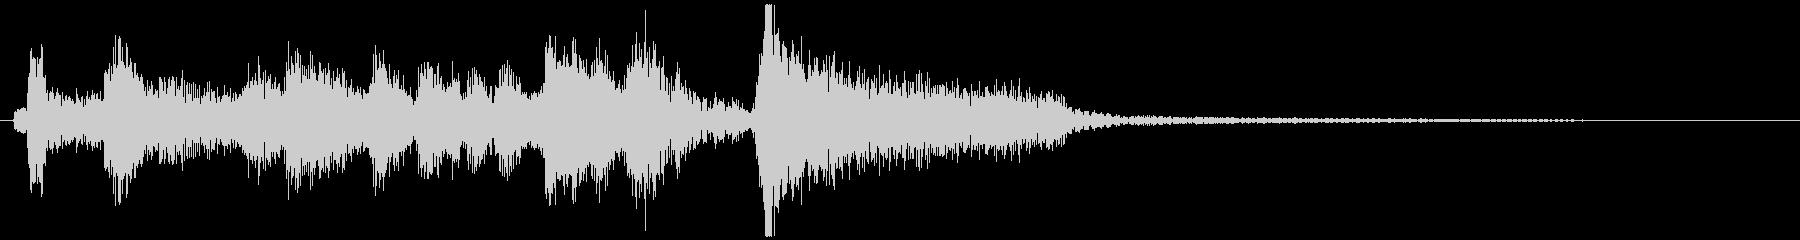 場面転換などにジャズジングル(9)の未再生の波形